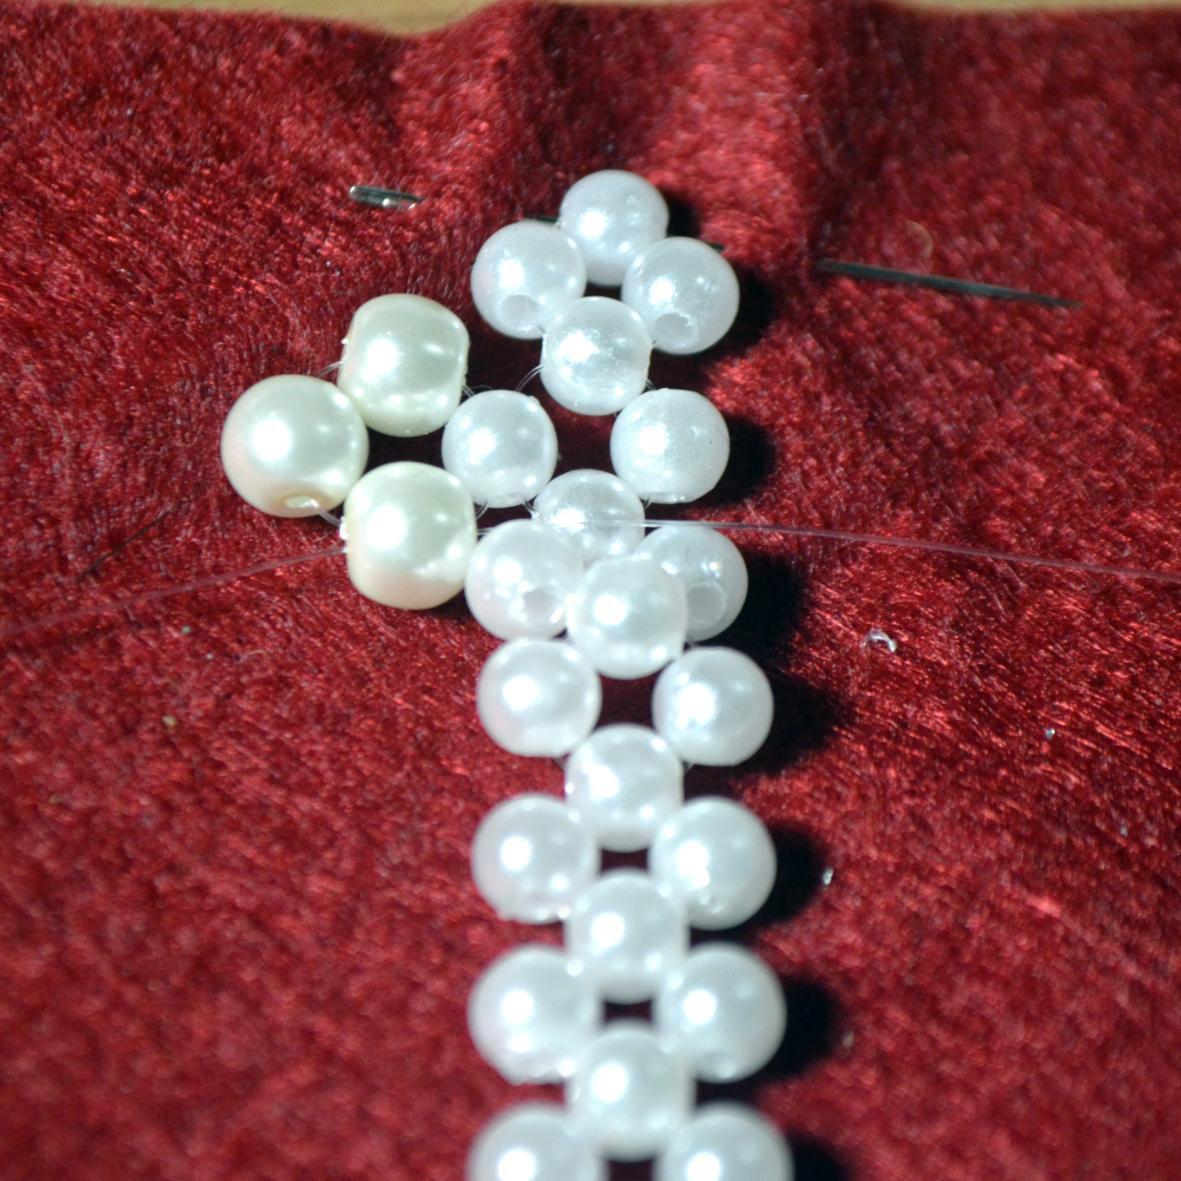 украшение хендмейд хобби бижутерия творчество поделки аксессуар сделайсам ожерелье вдохновение креативнаяидея украшениесвоимируками воротник жемчуг